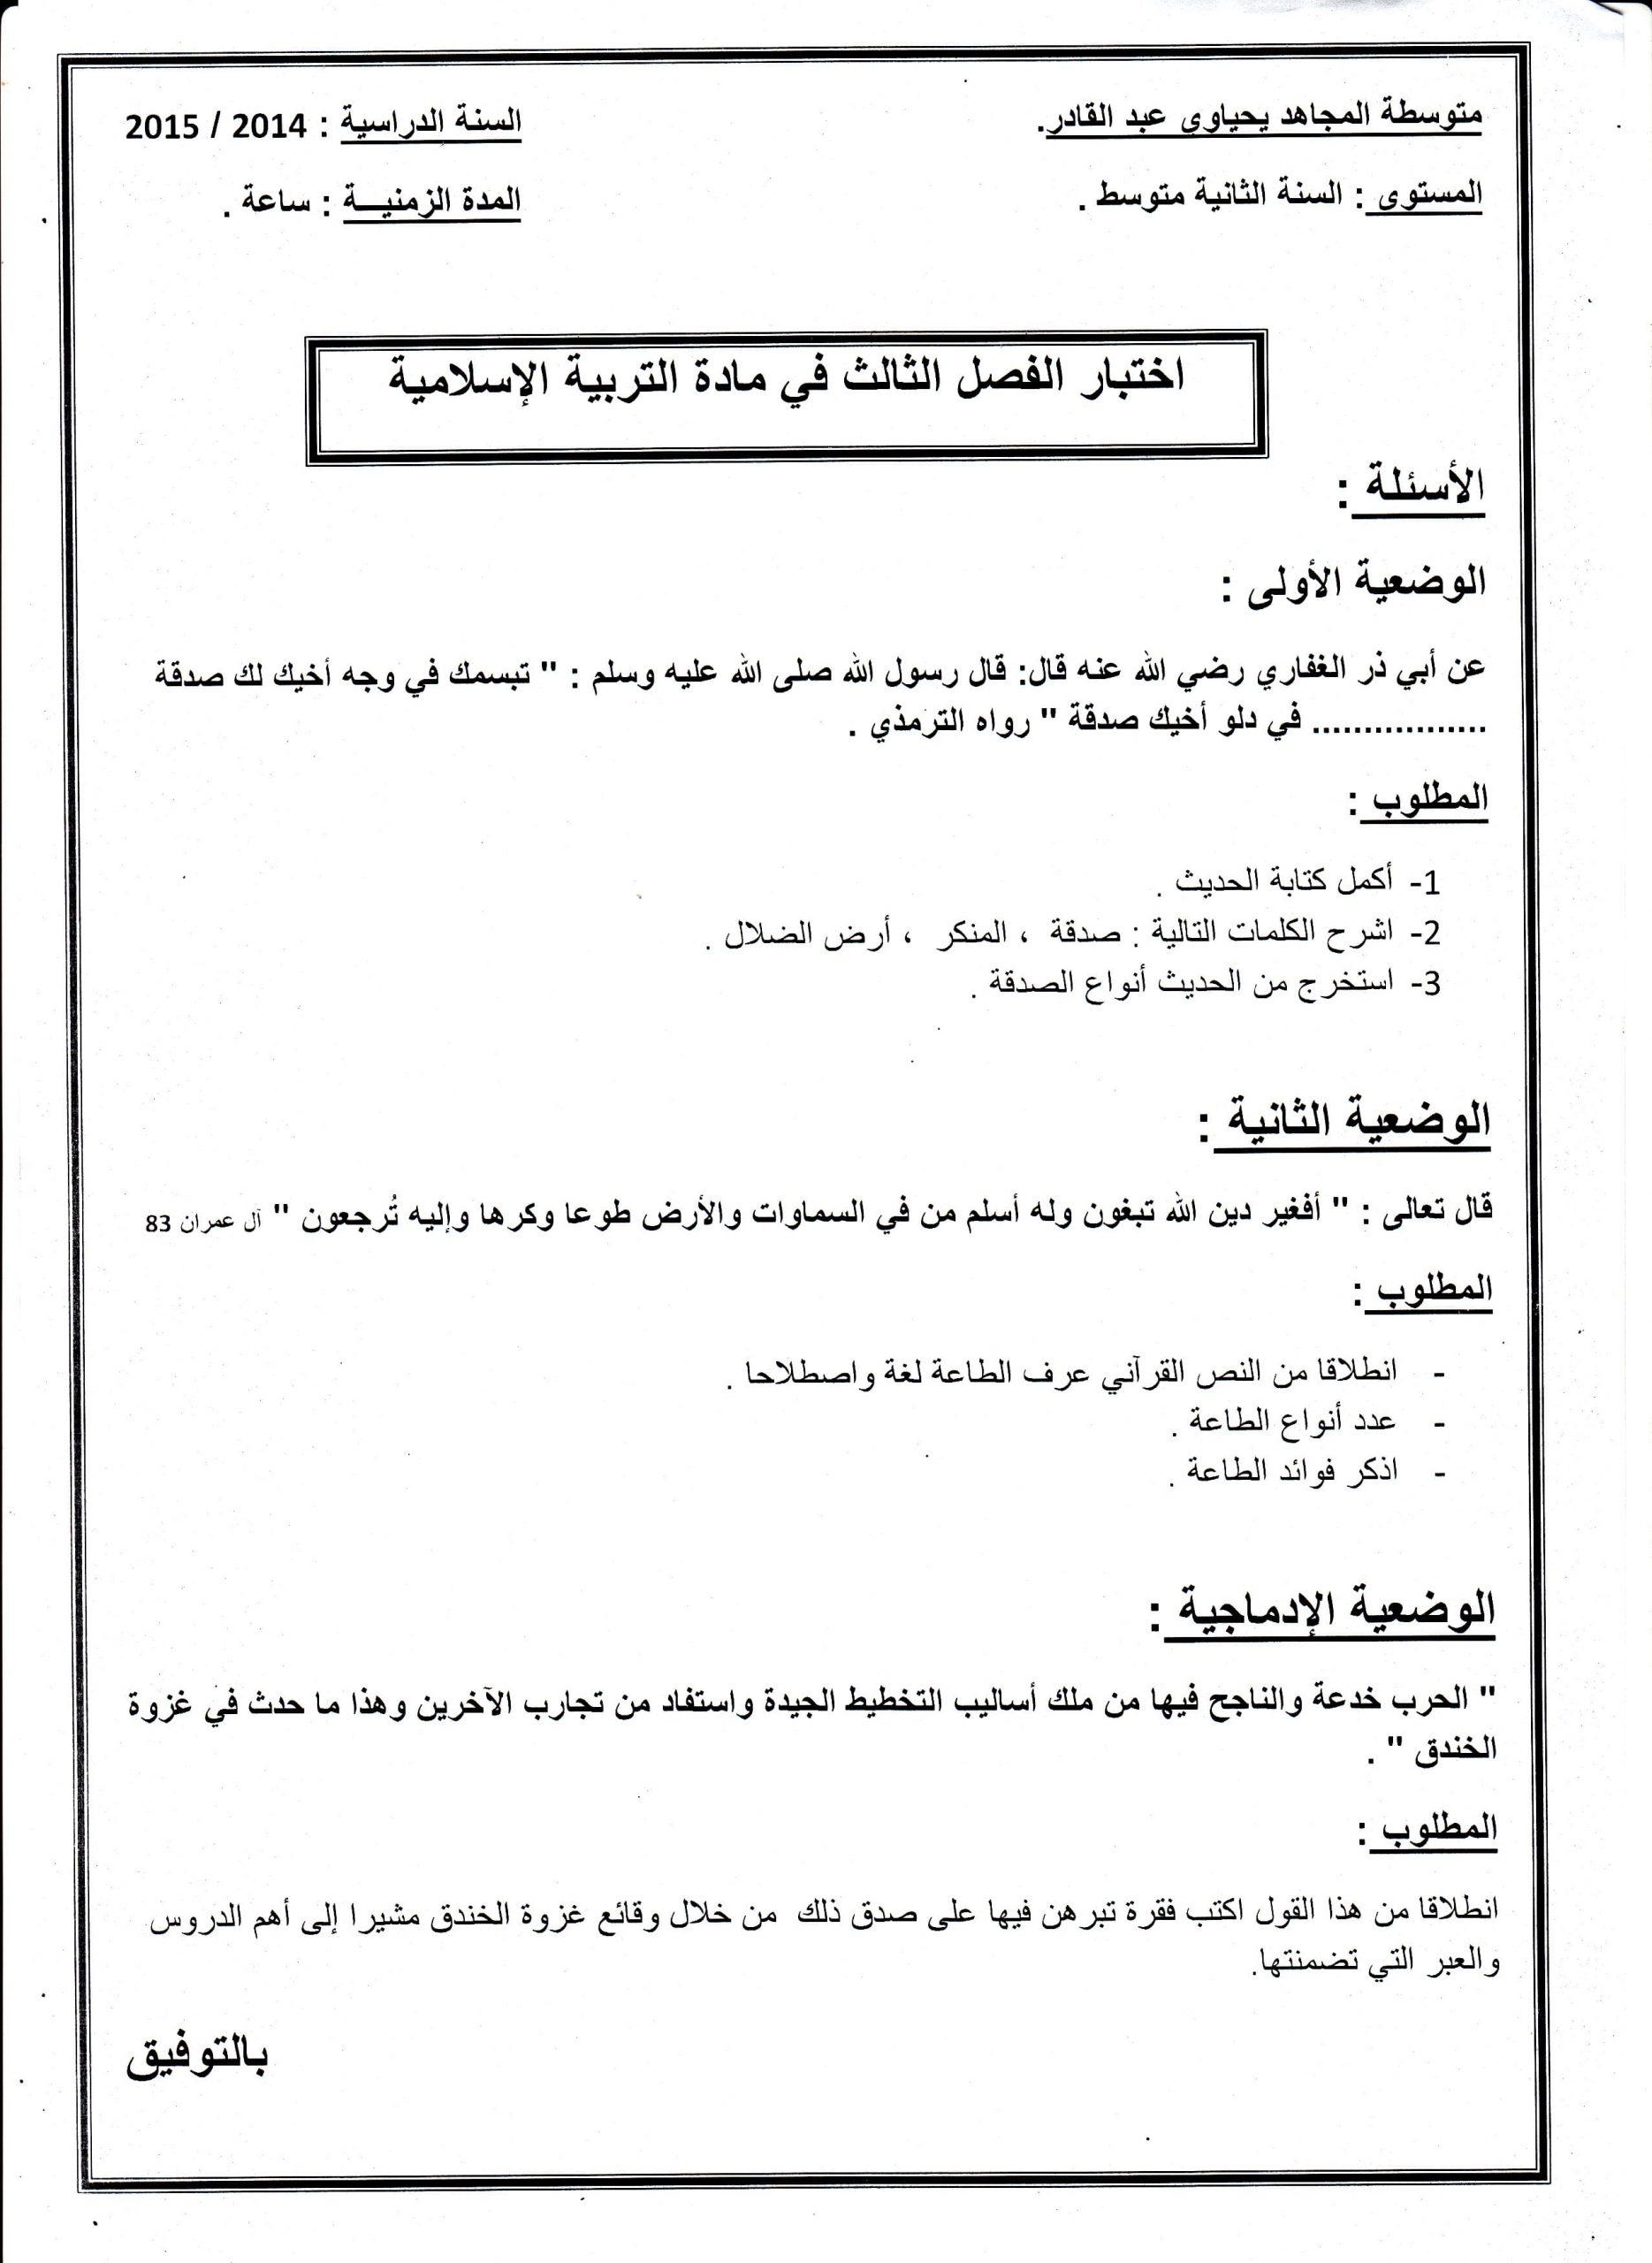 اختبار الفصل الثالث في التربية الاسلامية السنة الثانية متوسط   الموضوع 02